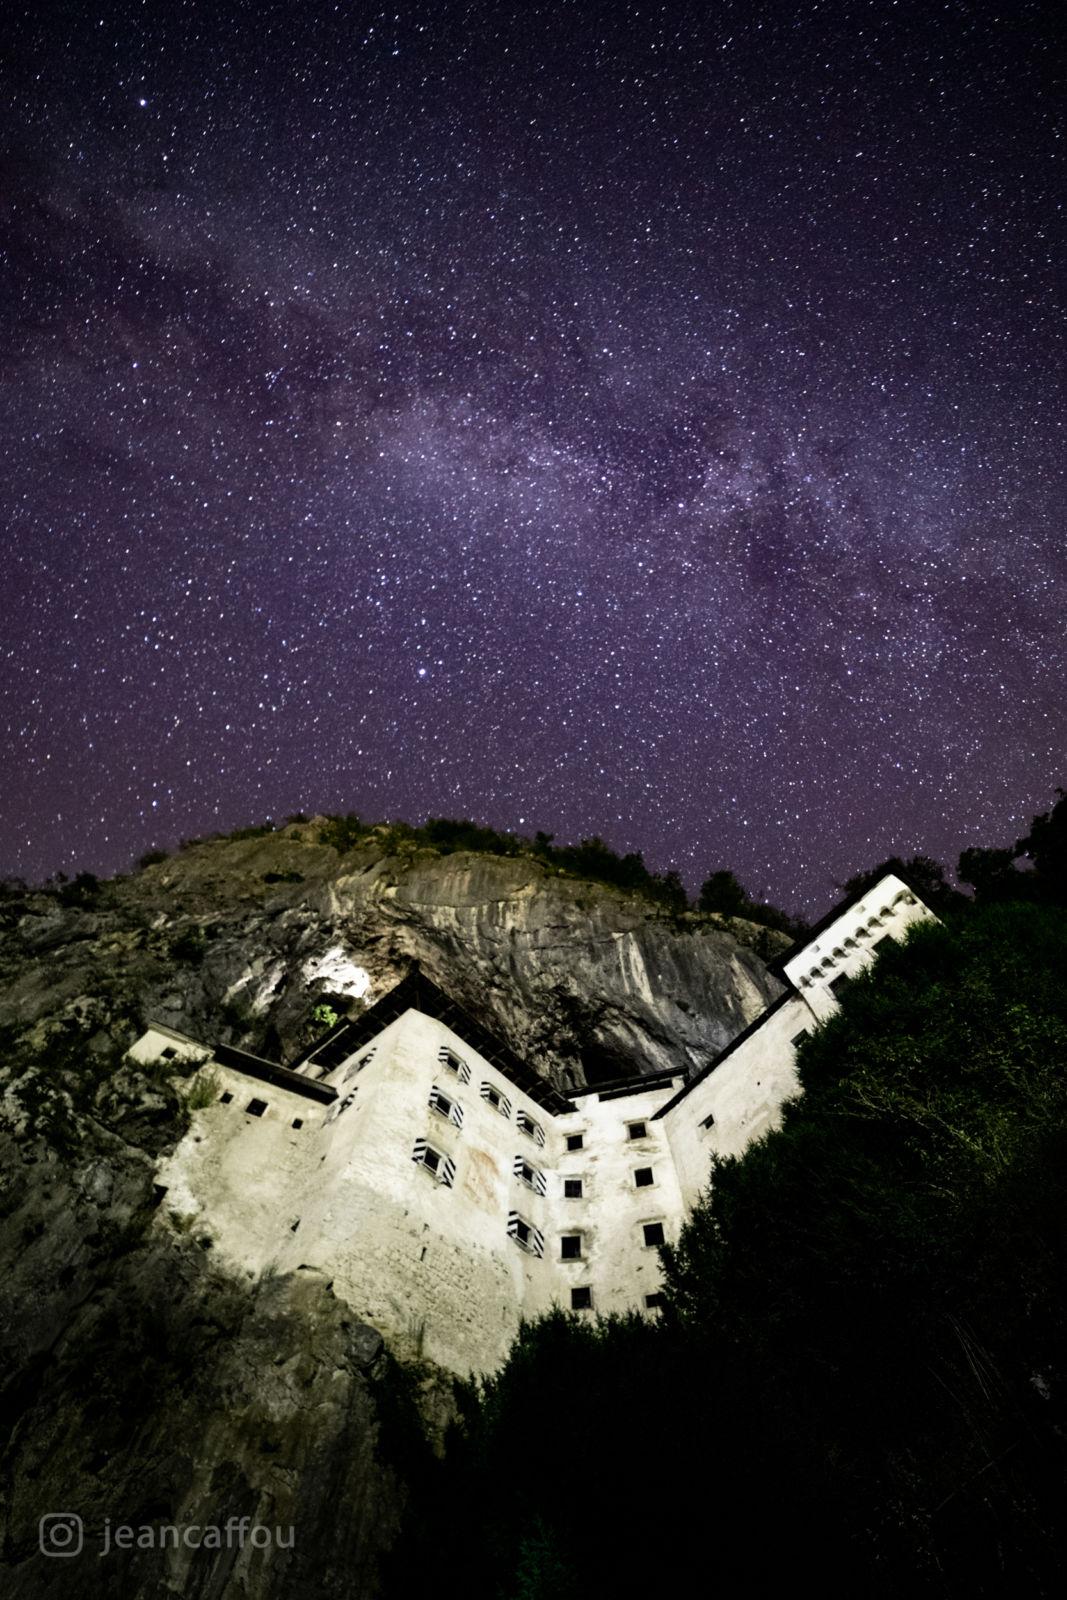 Predjamski grad ponoči z Rimsko cesto